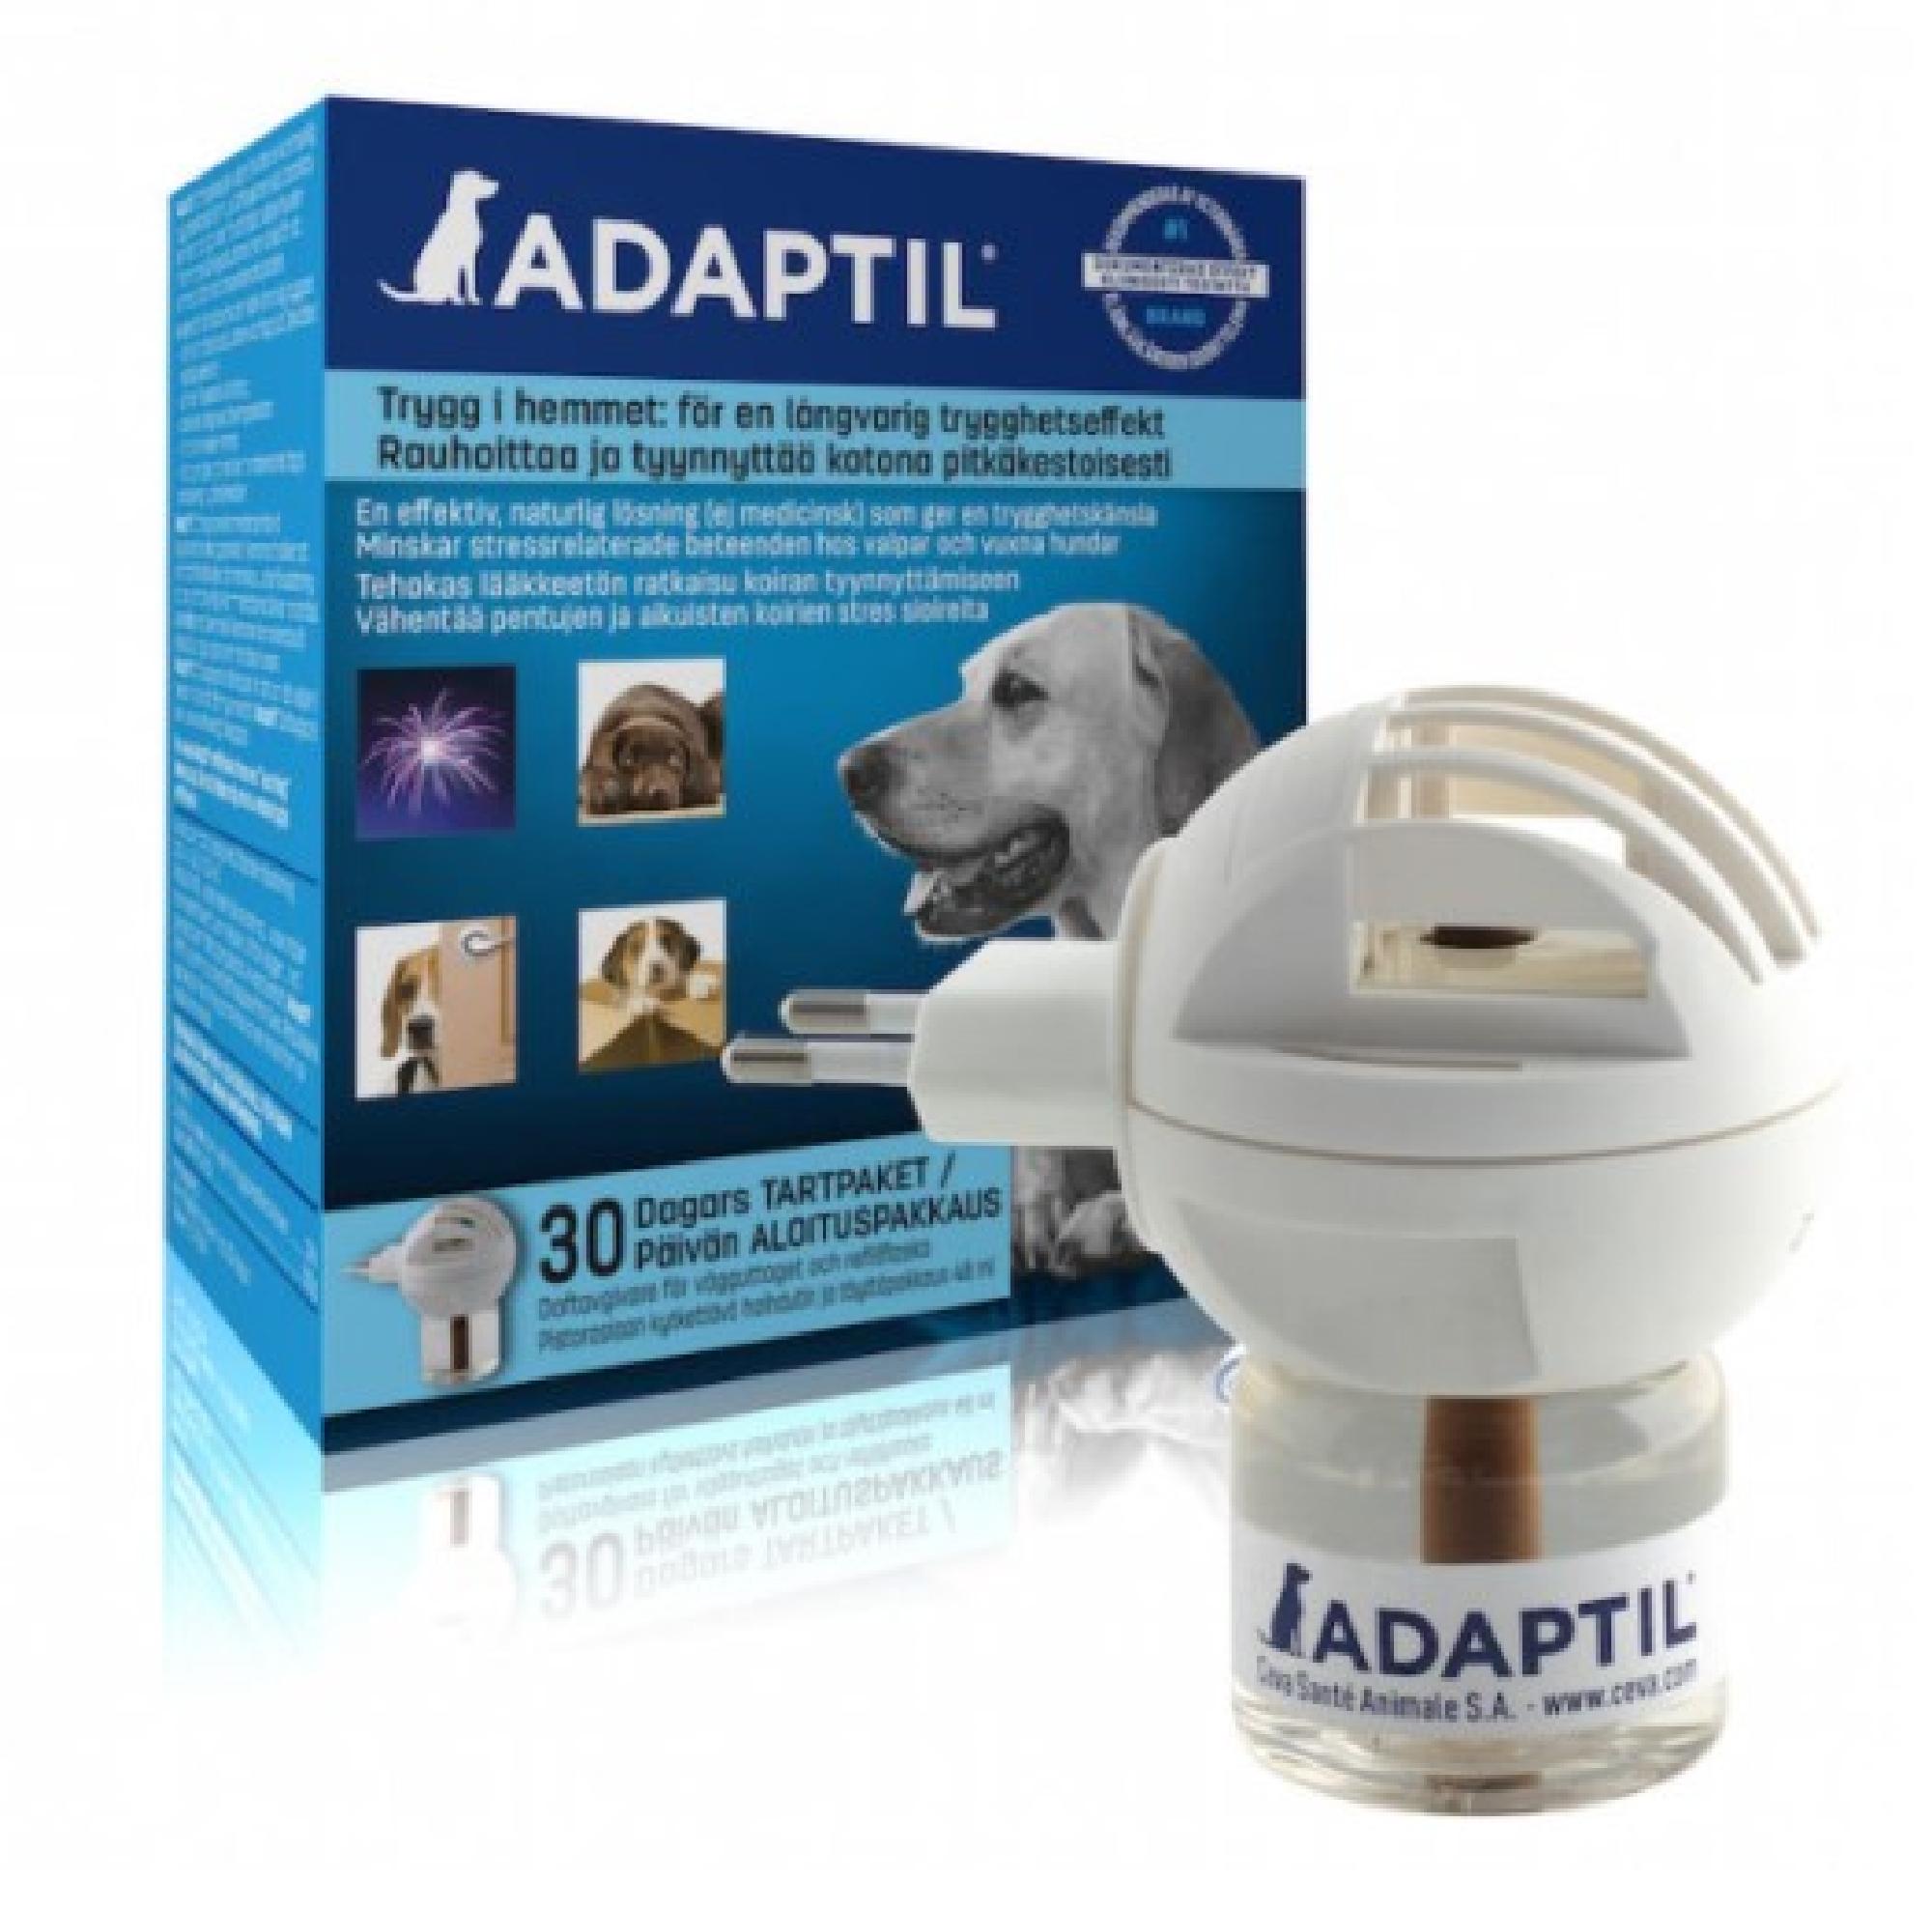 ADAPTIL - Startpaket